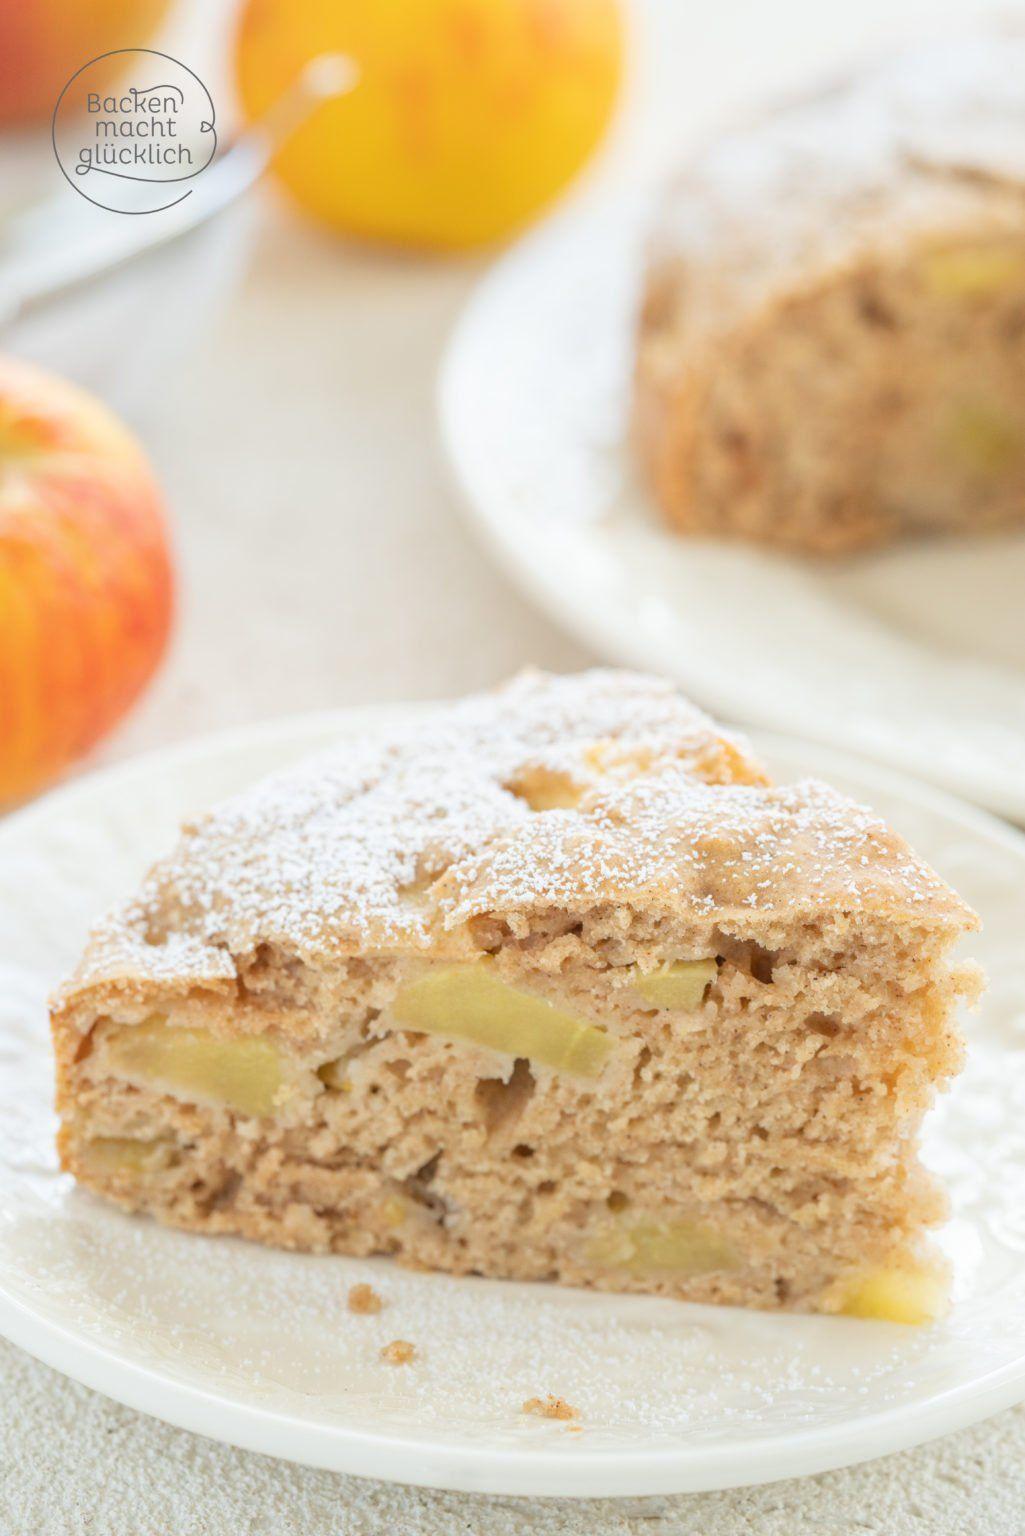 Apfelkuchen Ohne Zucker Butter Ei In 2020 Backen Macht Glucklich Kuchen Ohne Zucker Und Mehl Zuckerfreier Kuchen